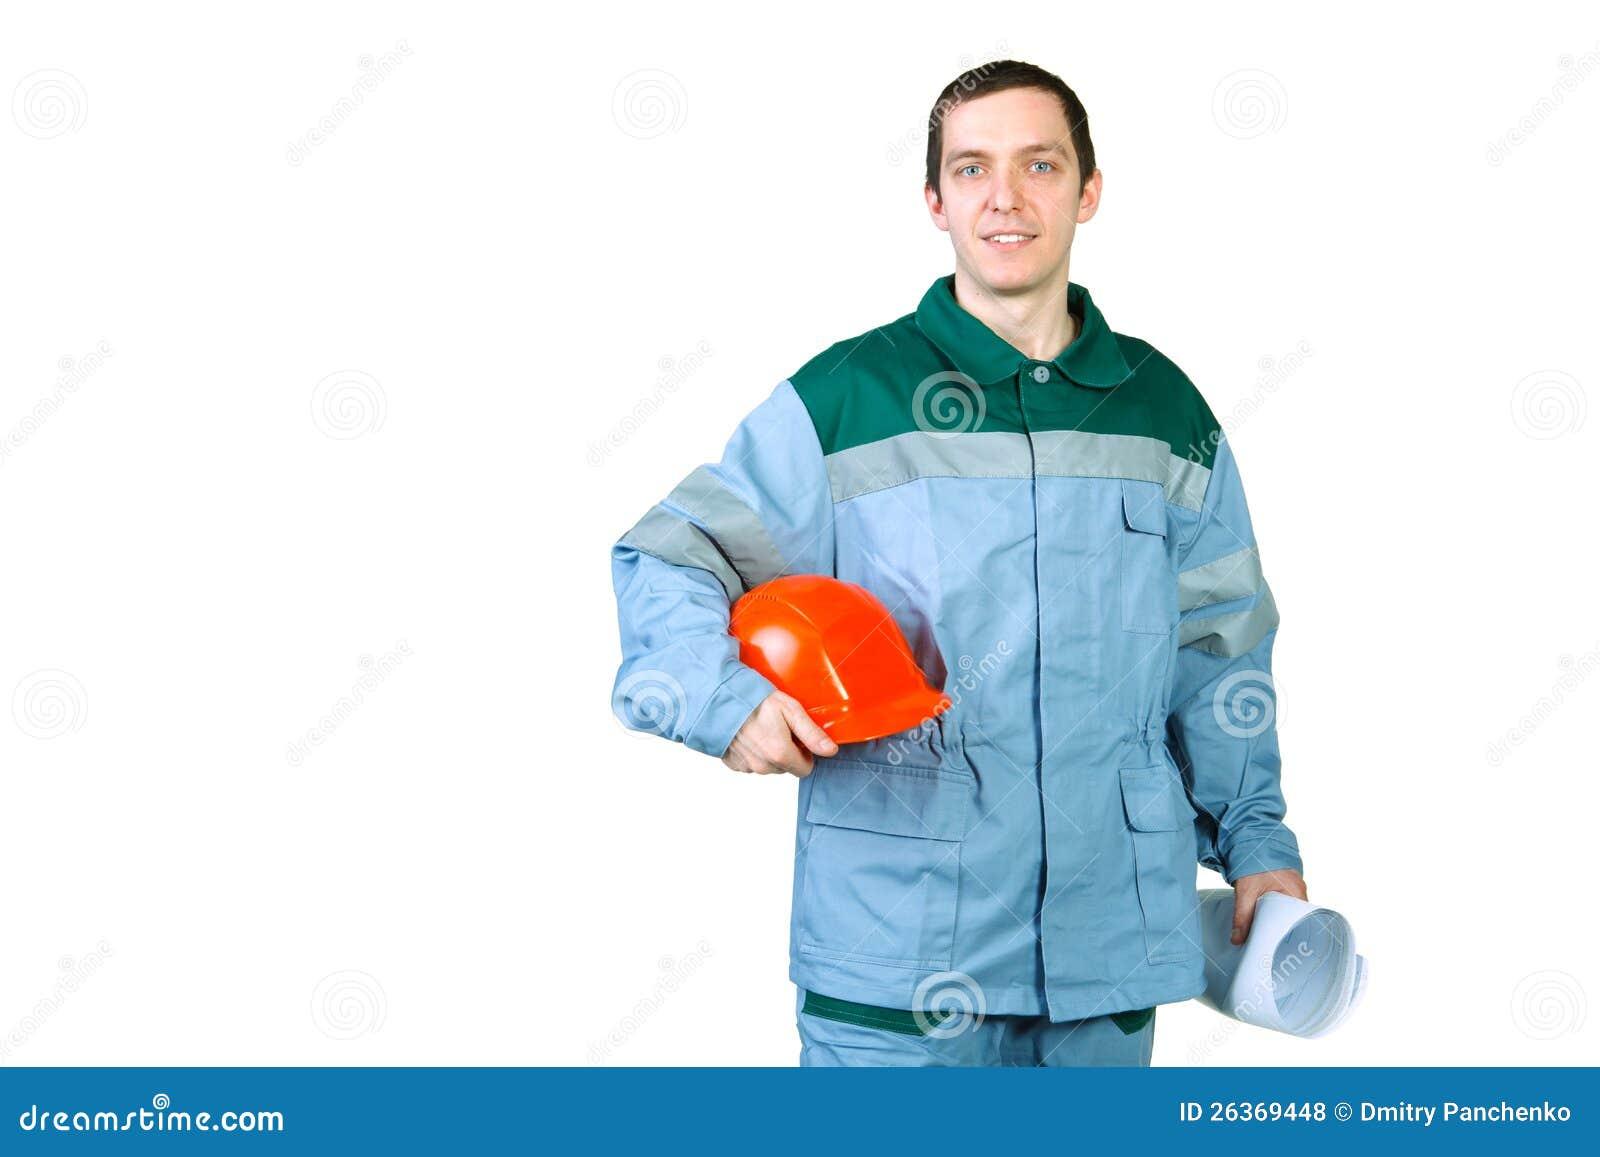 Getrennte Abbildung der jungen Arbeitskraft